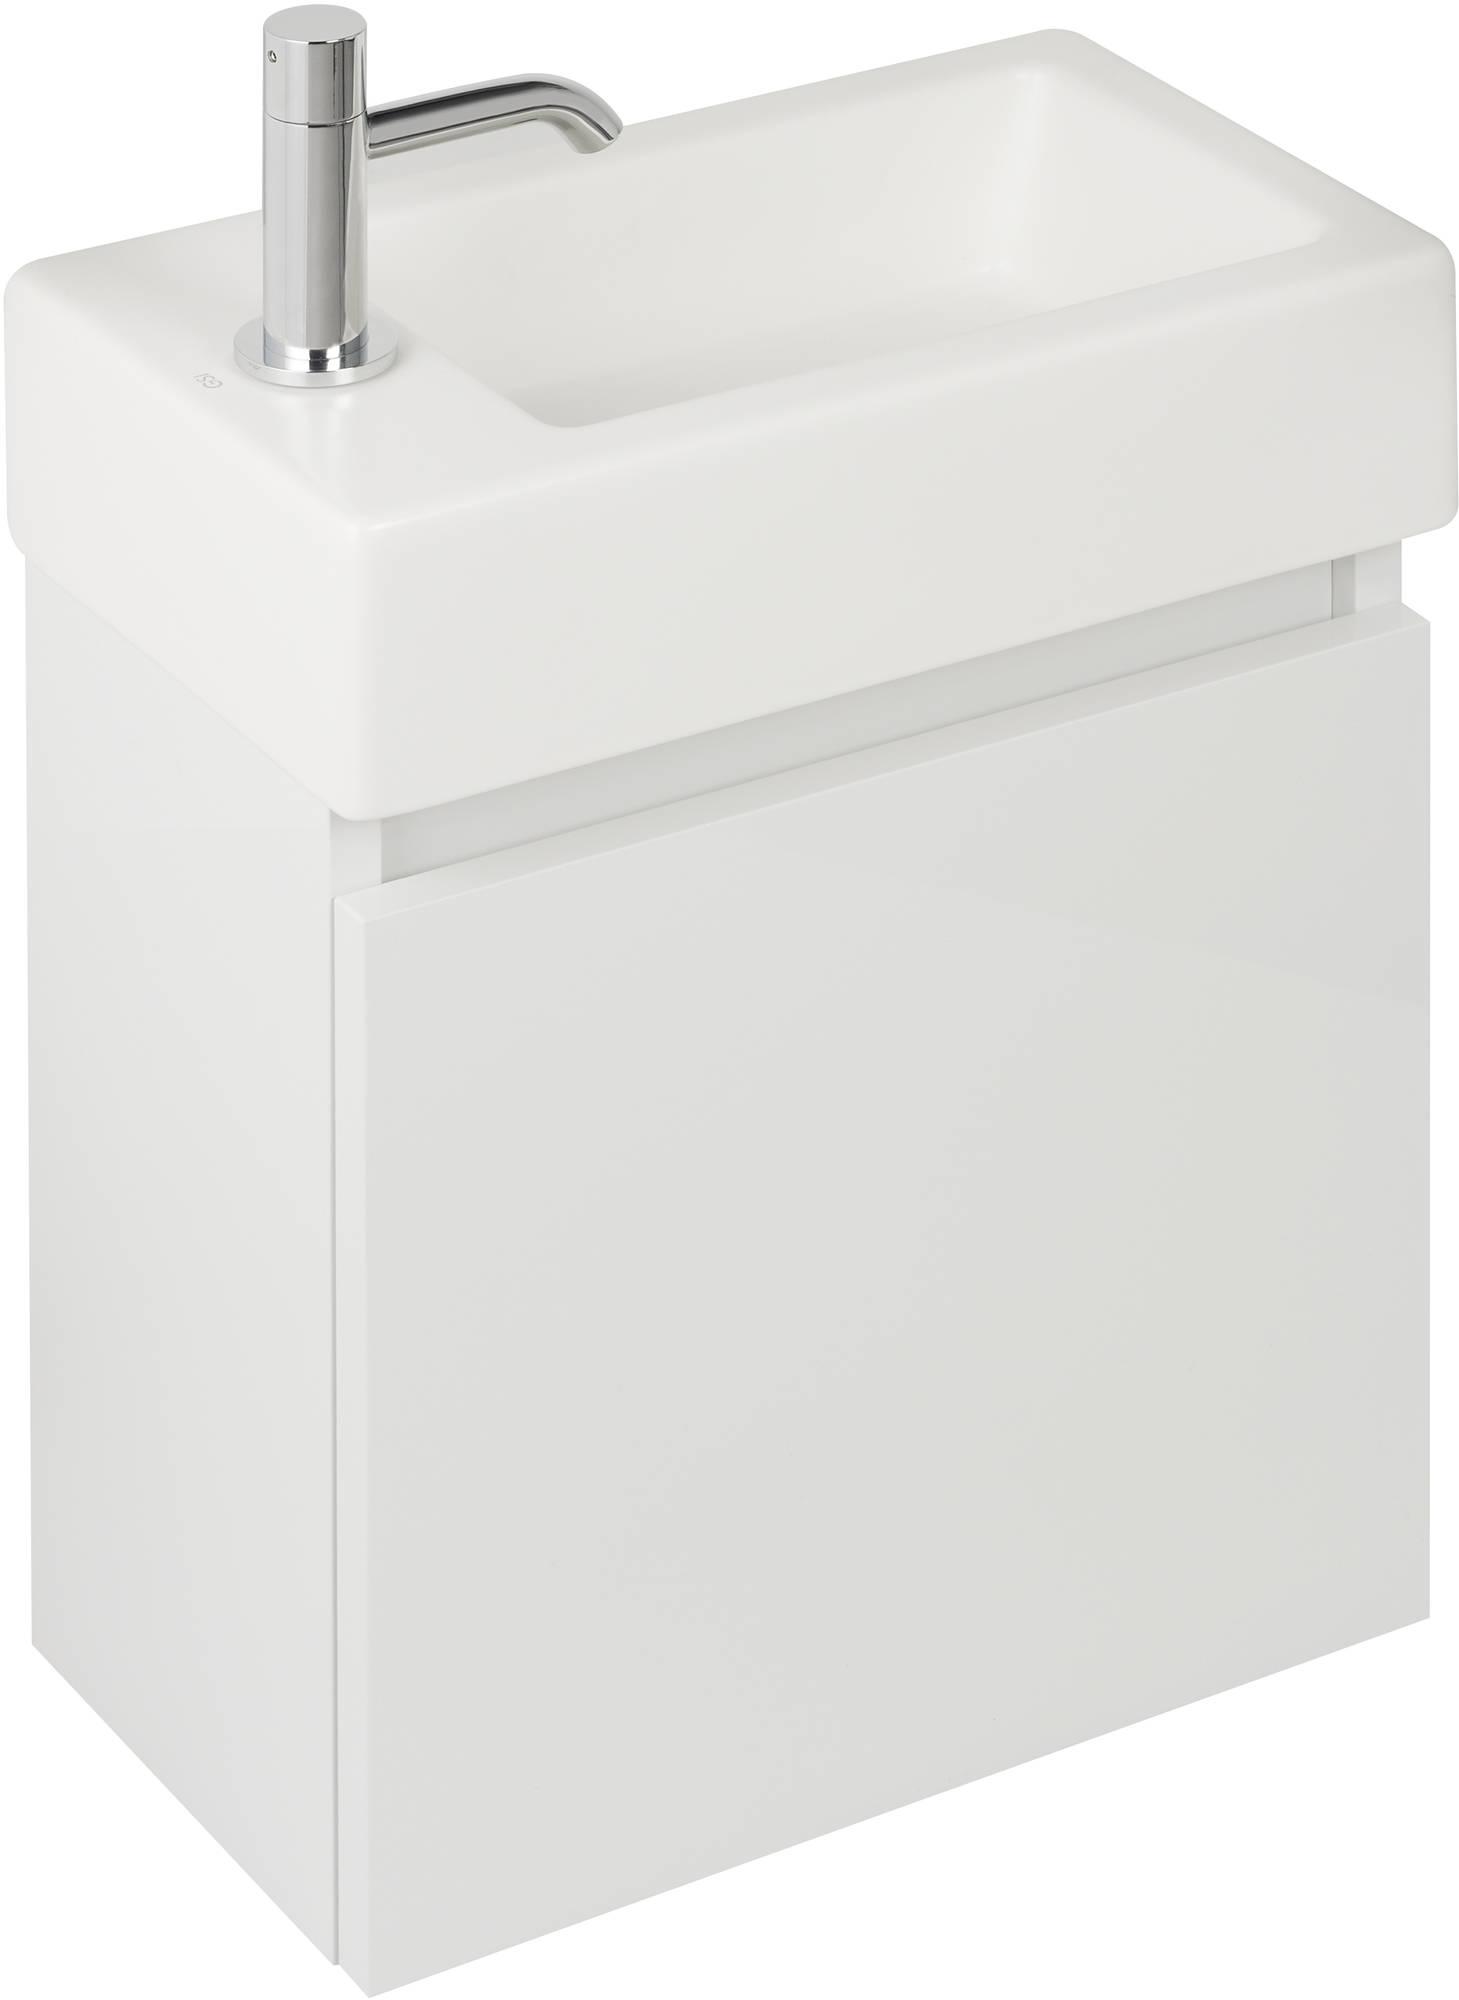 Ben Scuro Fonteinonderkast 1 deur linksdraaiend 40x22x45 cm keramisch wit gelakt